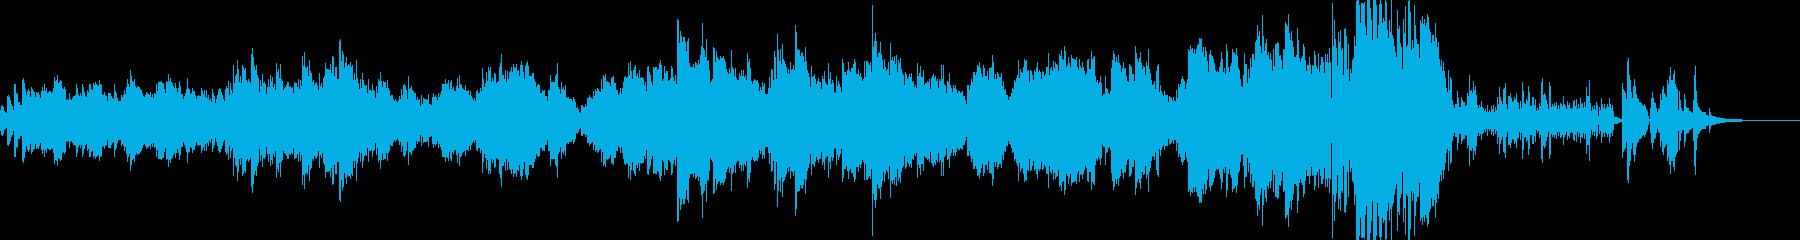 温かみのあるバラード ピアノソロの再生済みの波形